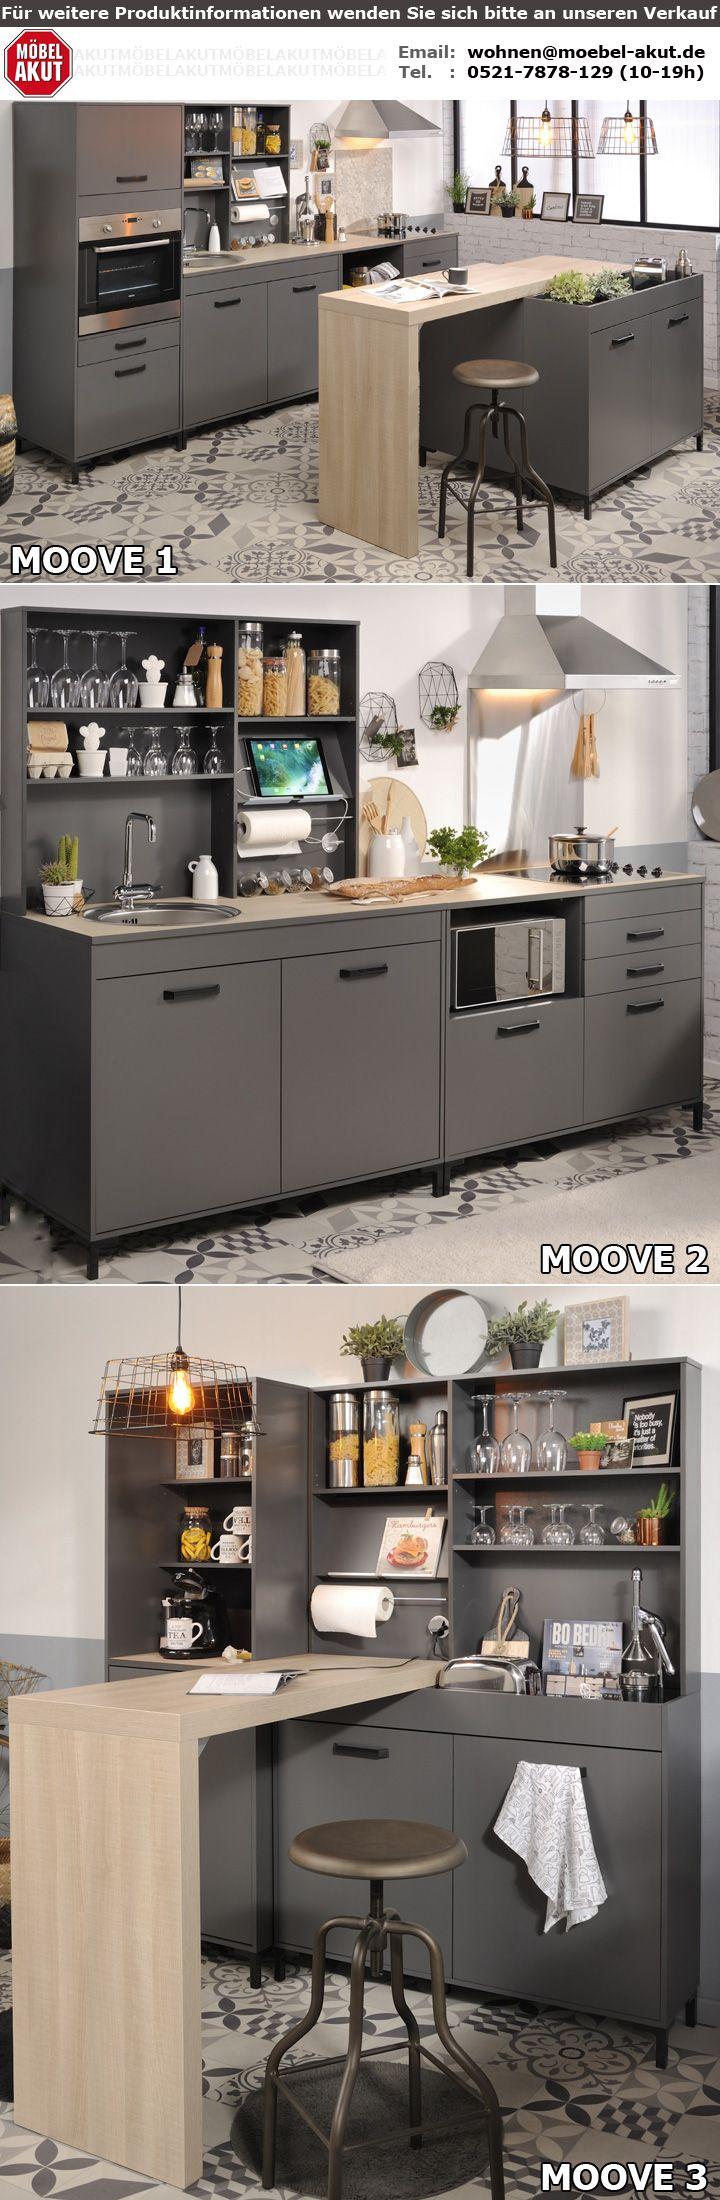 Küche MOOVE 1 Einbauküche Küchenzeile grau und Eiche hell 7-teilig